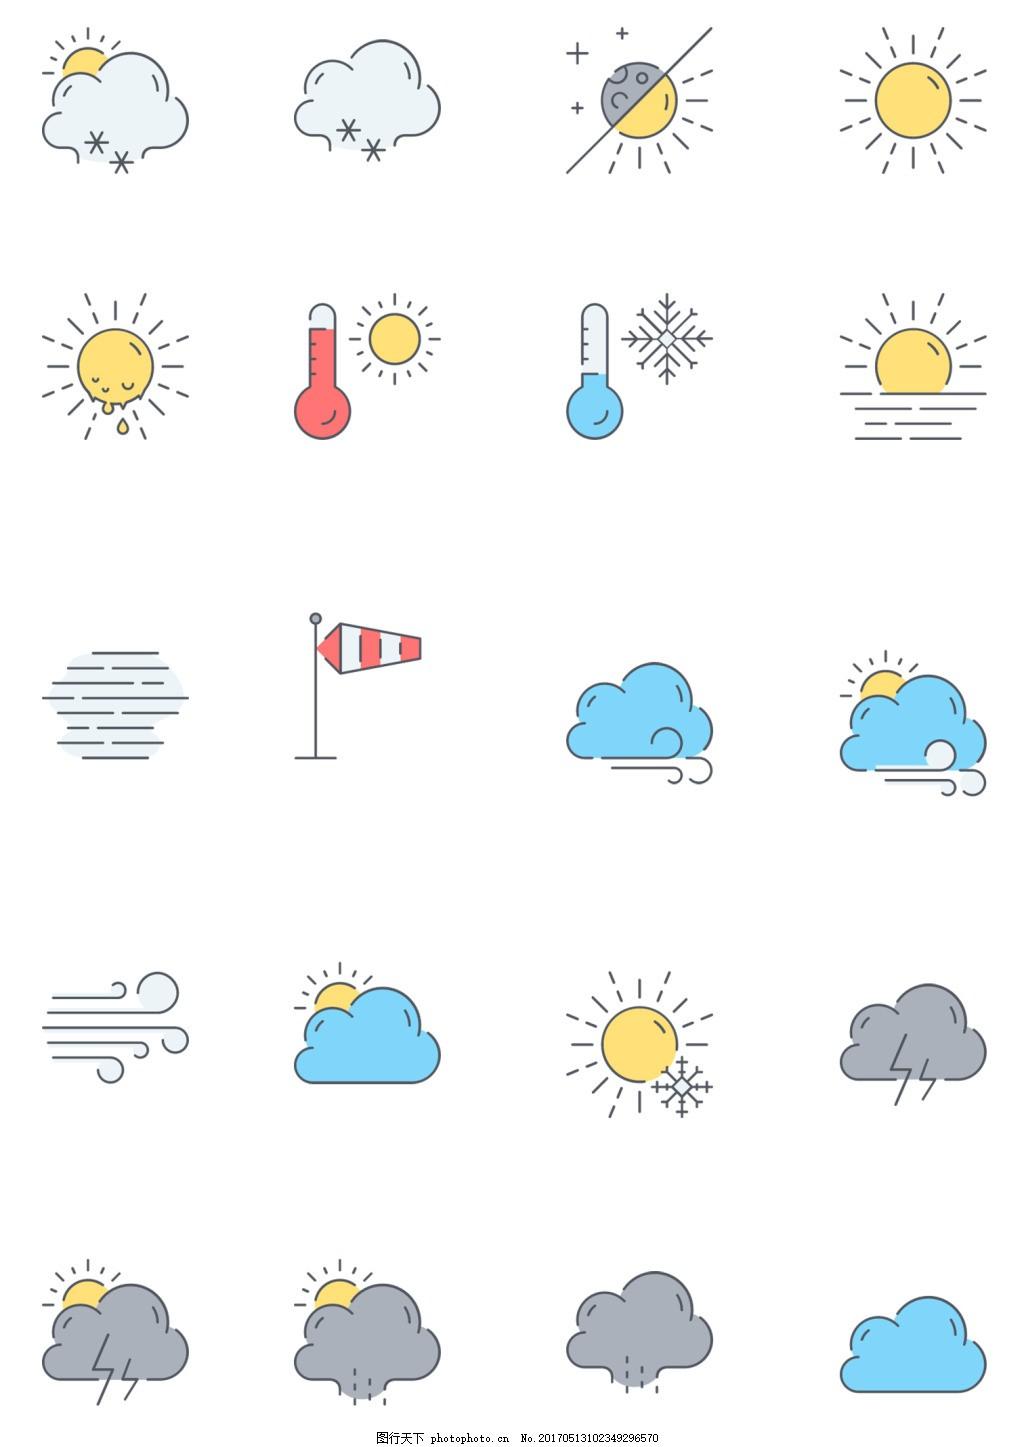 天气图标icon 天气 卡通天气 图标 icon 雷雨 晴天 多云 大风 雪 高温